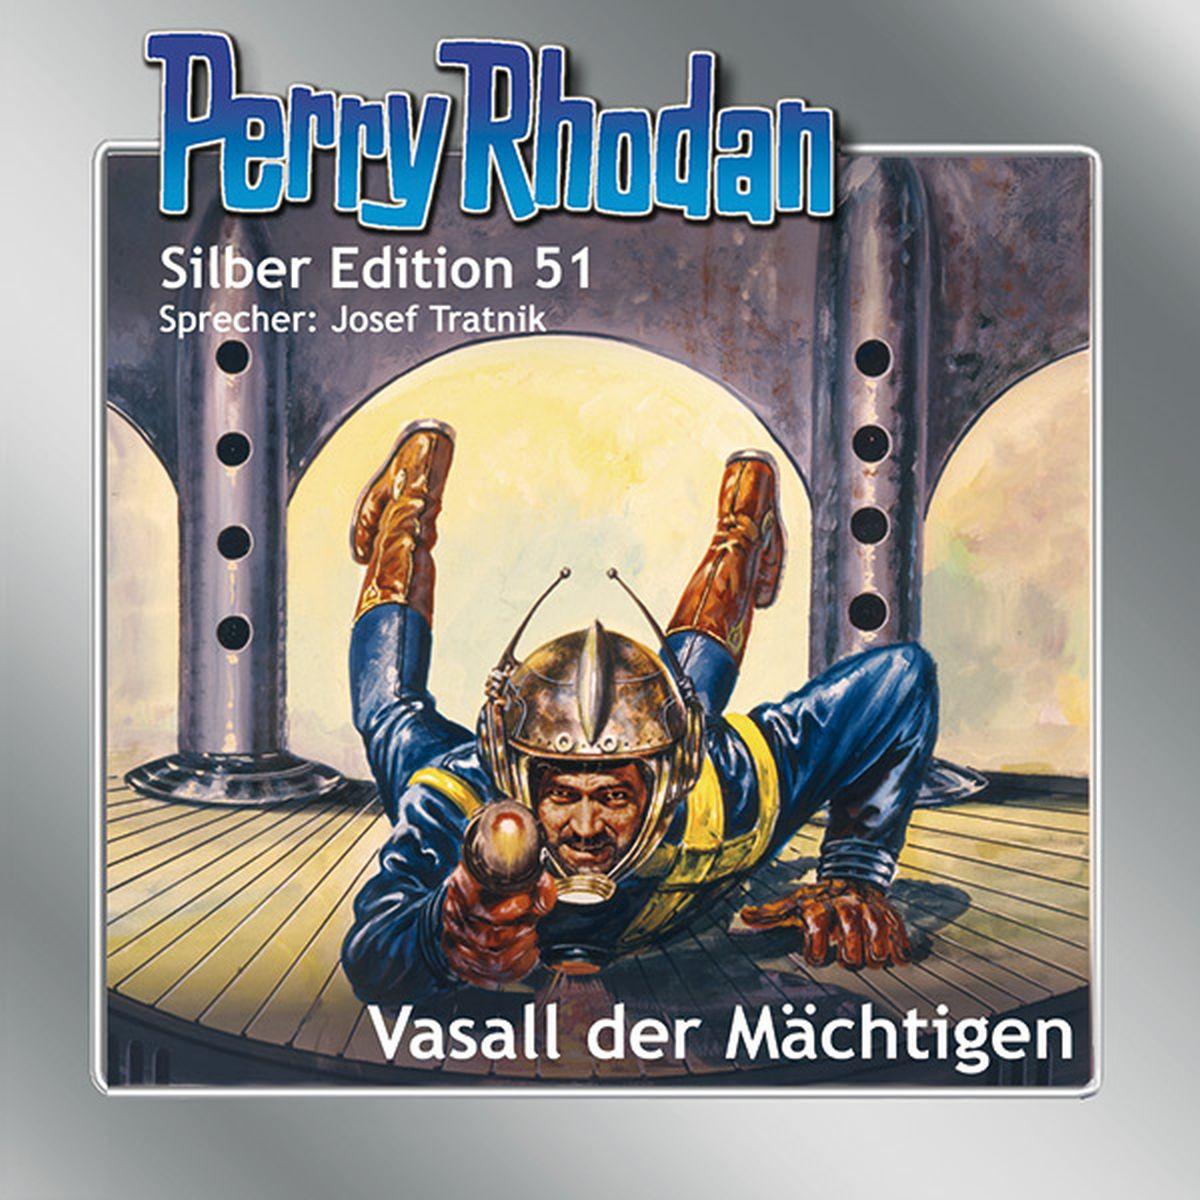 Perry Rhodan Silber Edition 51 Vasall der Mächtigen